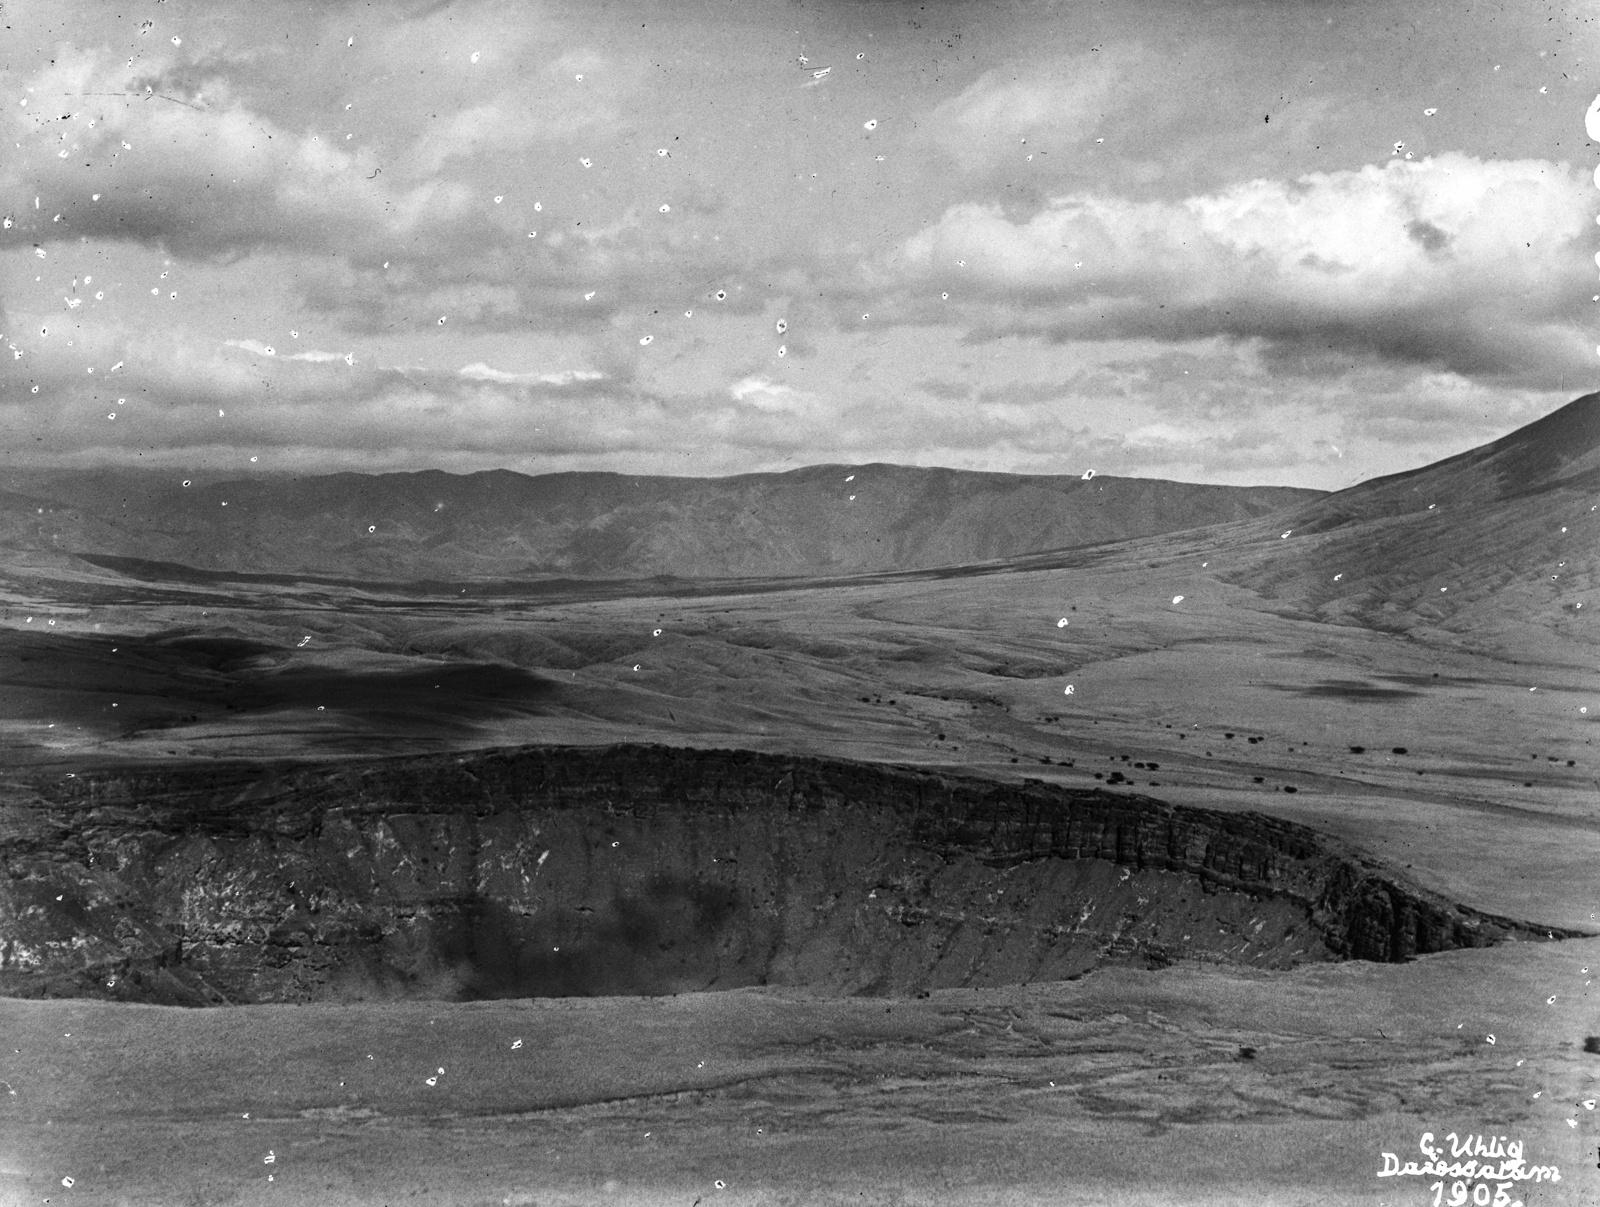 43. Панорама кратера. В левой  вулкан Керимаси, прямо вулкан Ол-Доиньо-Ленгаи